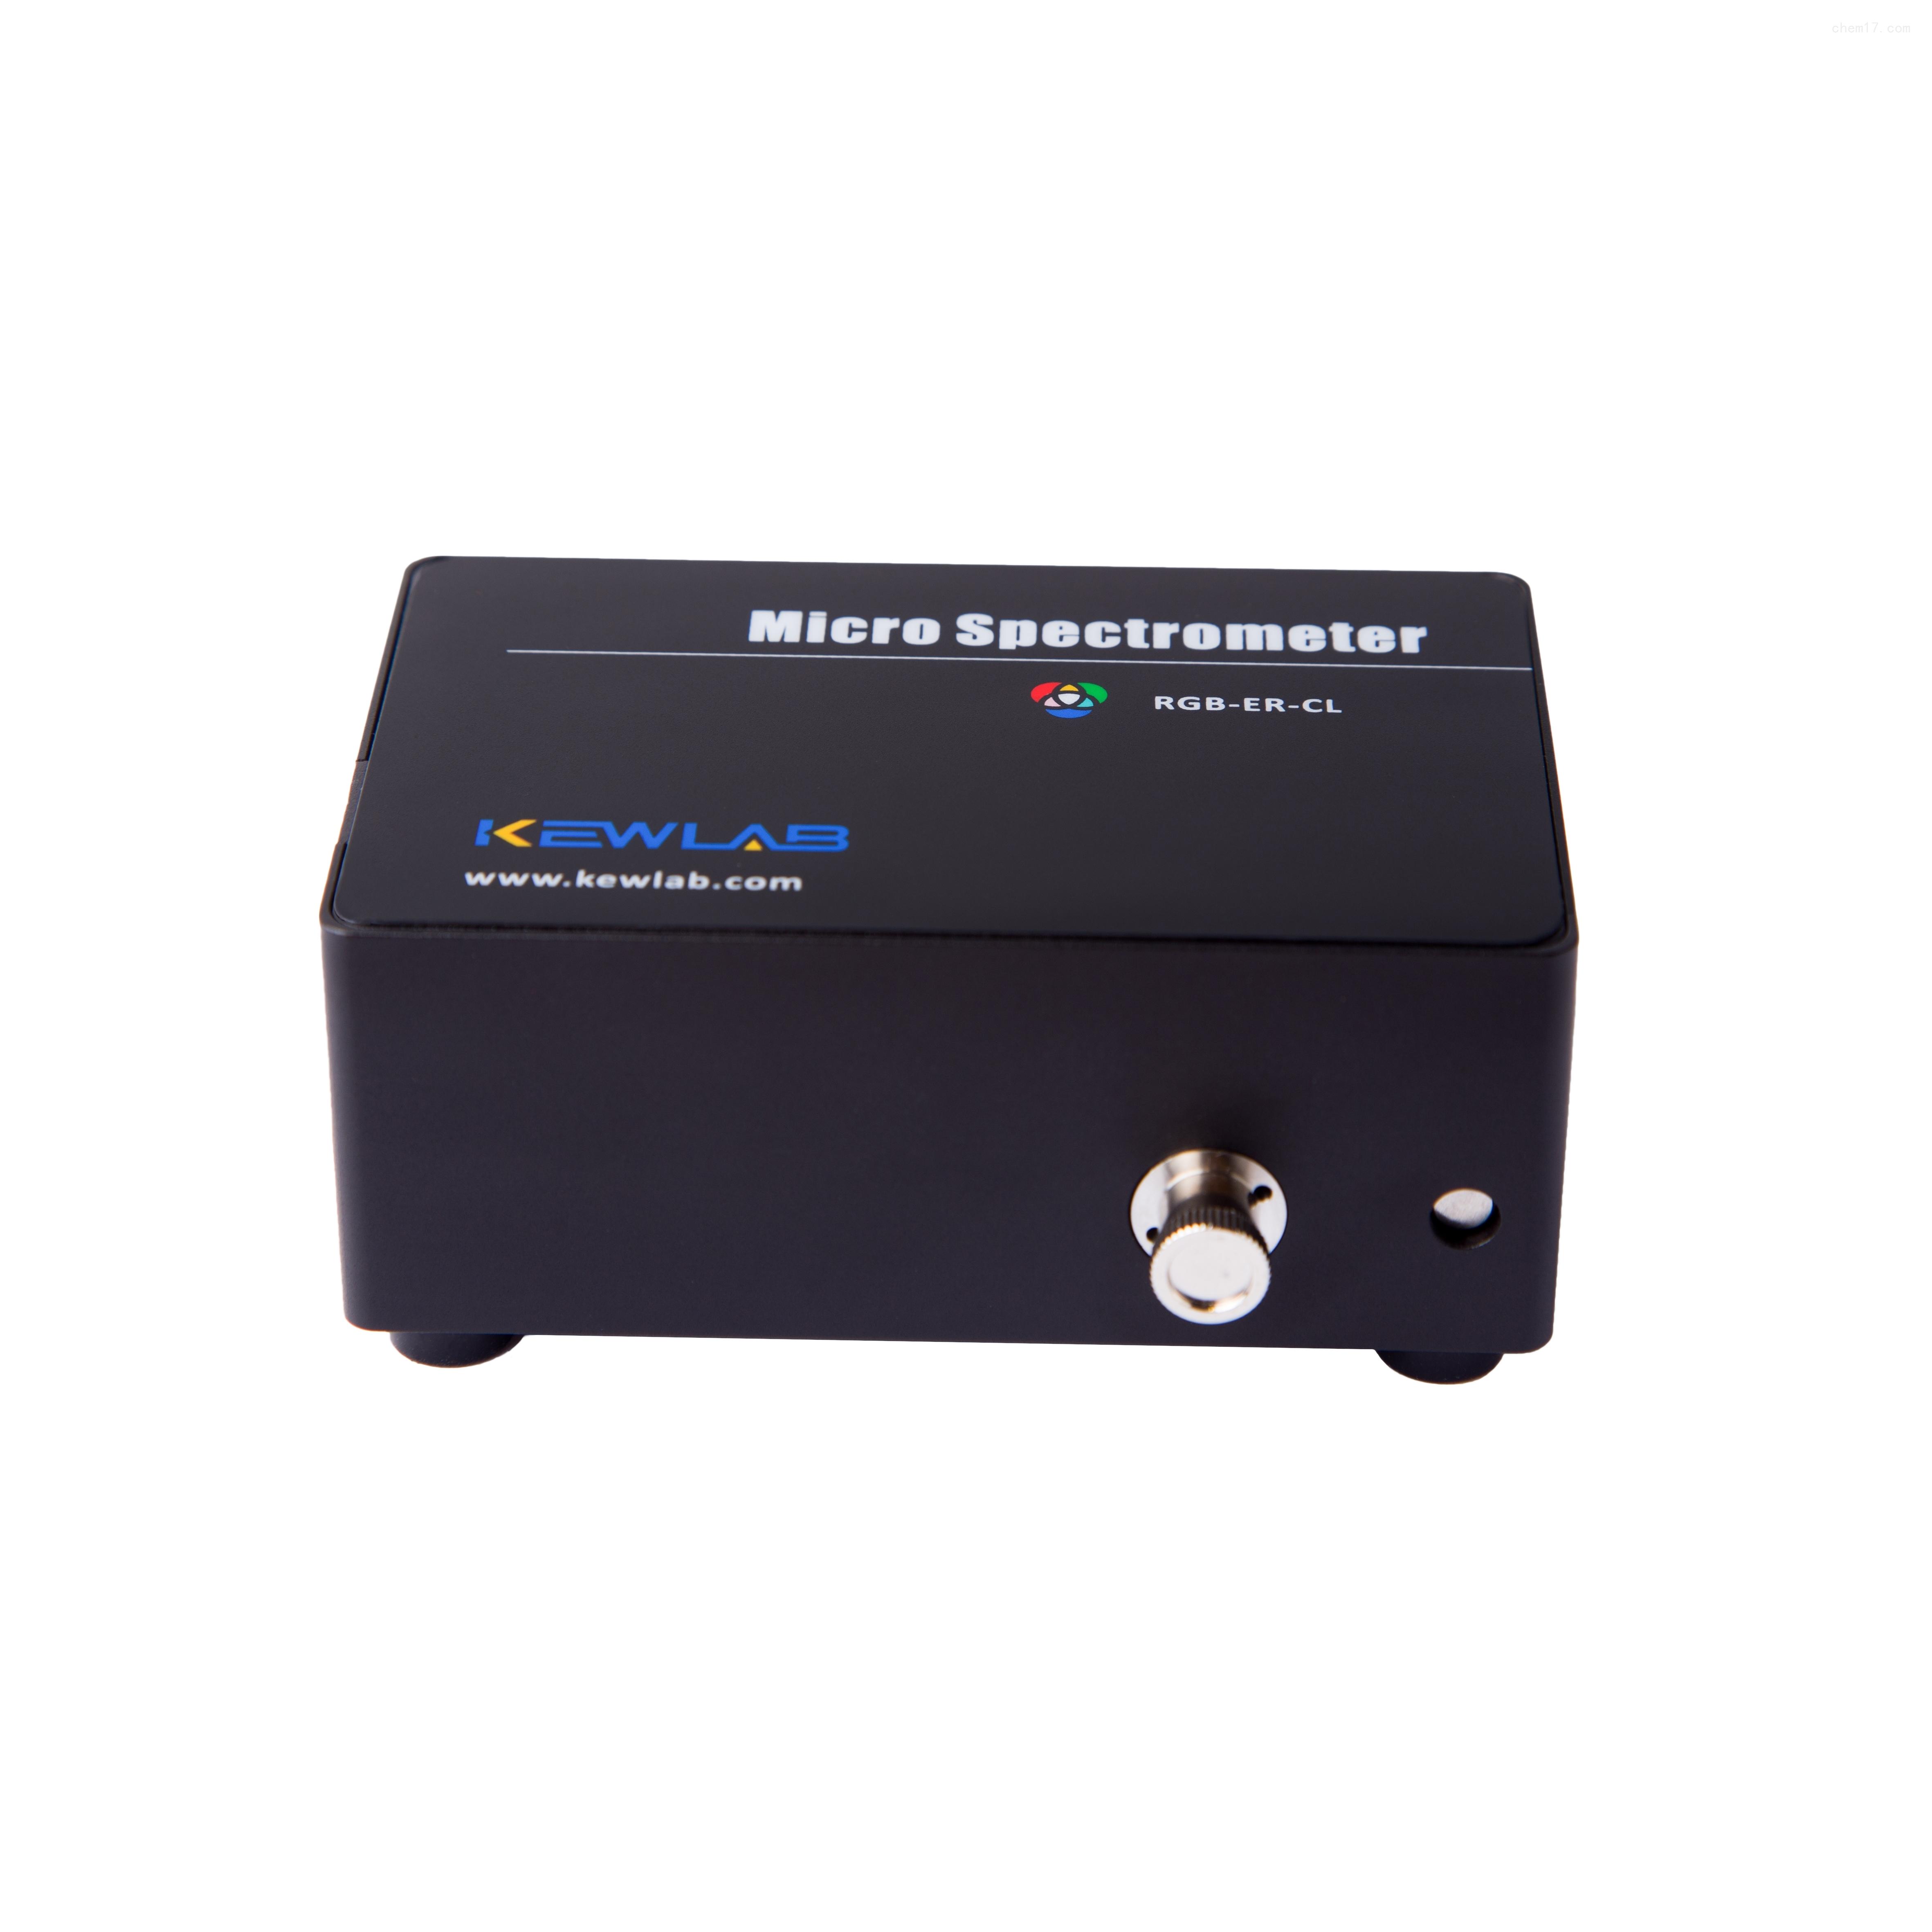 澳大利亚KEWLAB 微型光纤光谱仪